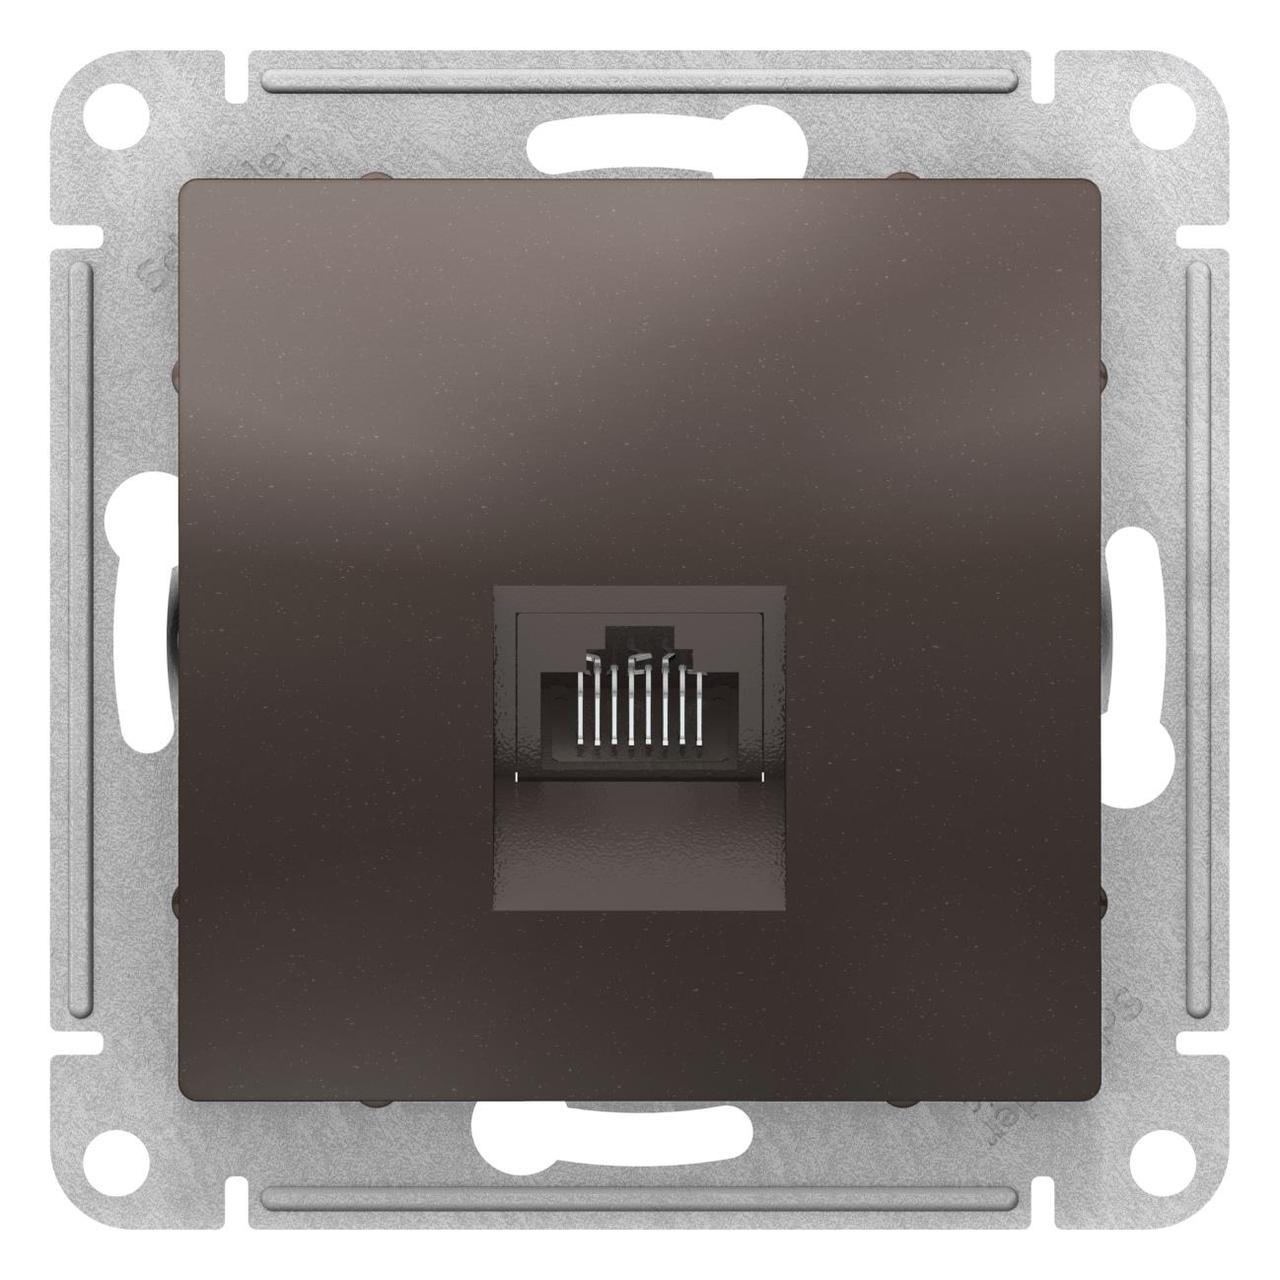 Розетка компьютерная 1-ая кат.5е, RJ-45 (интернет) , Мокко, серия Atlas Design, Schneider Electric